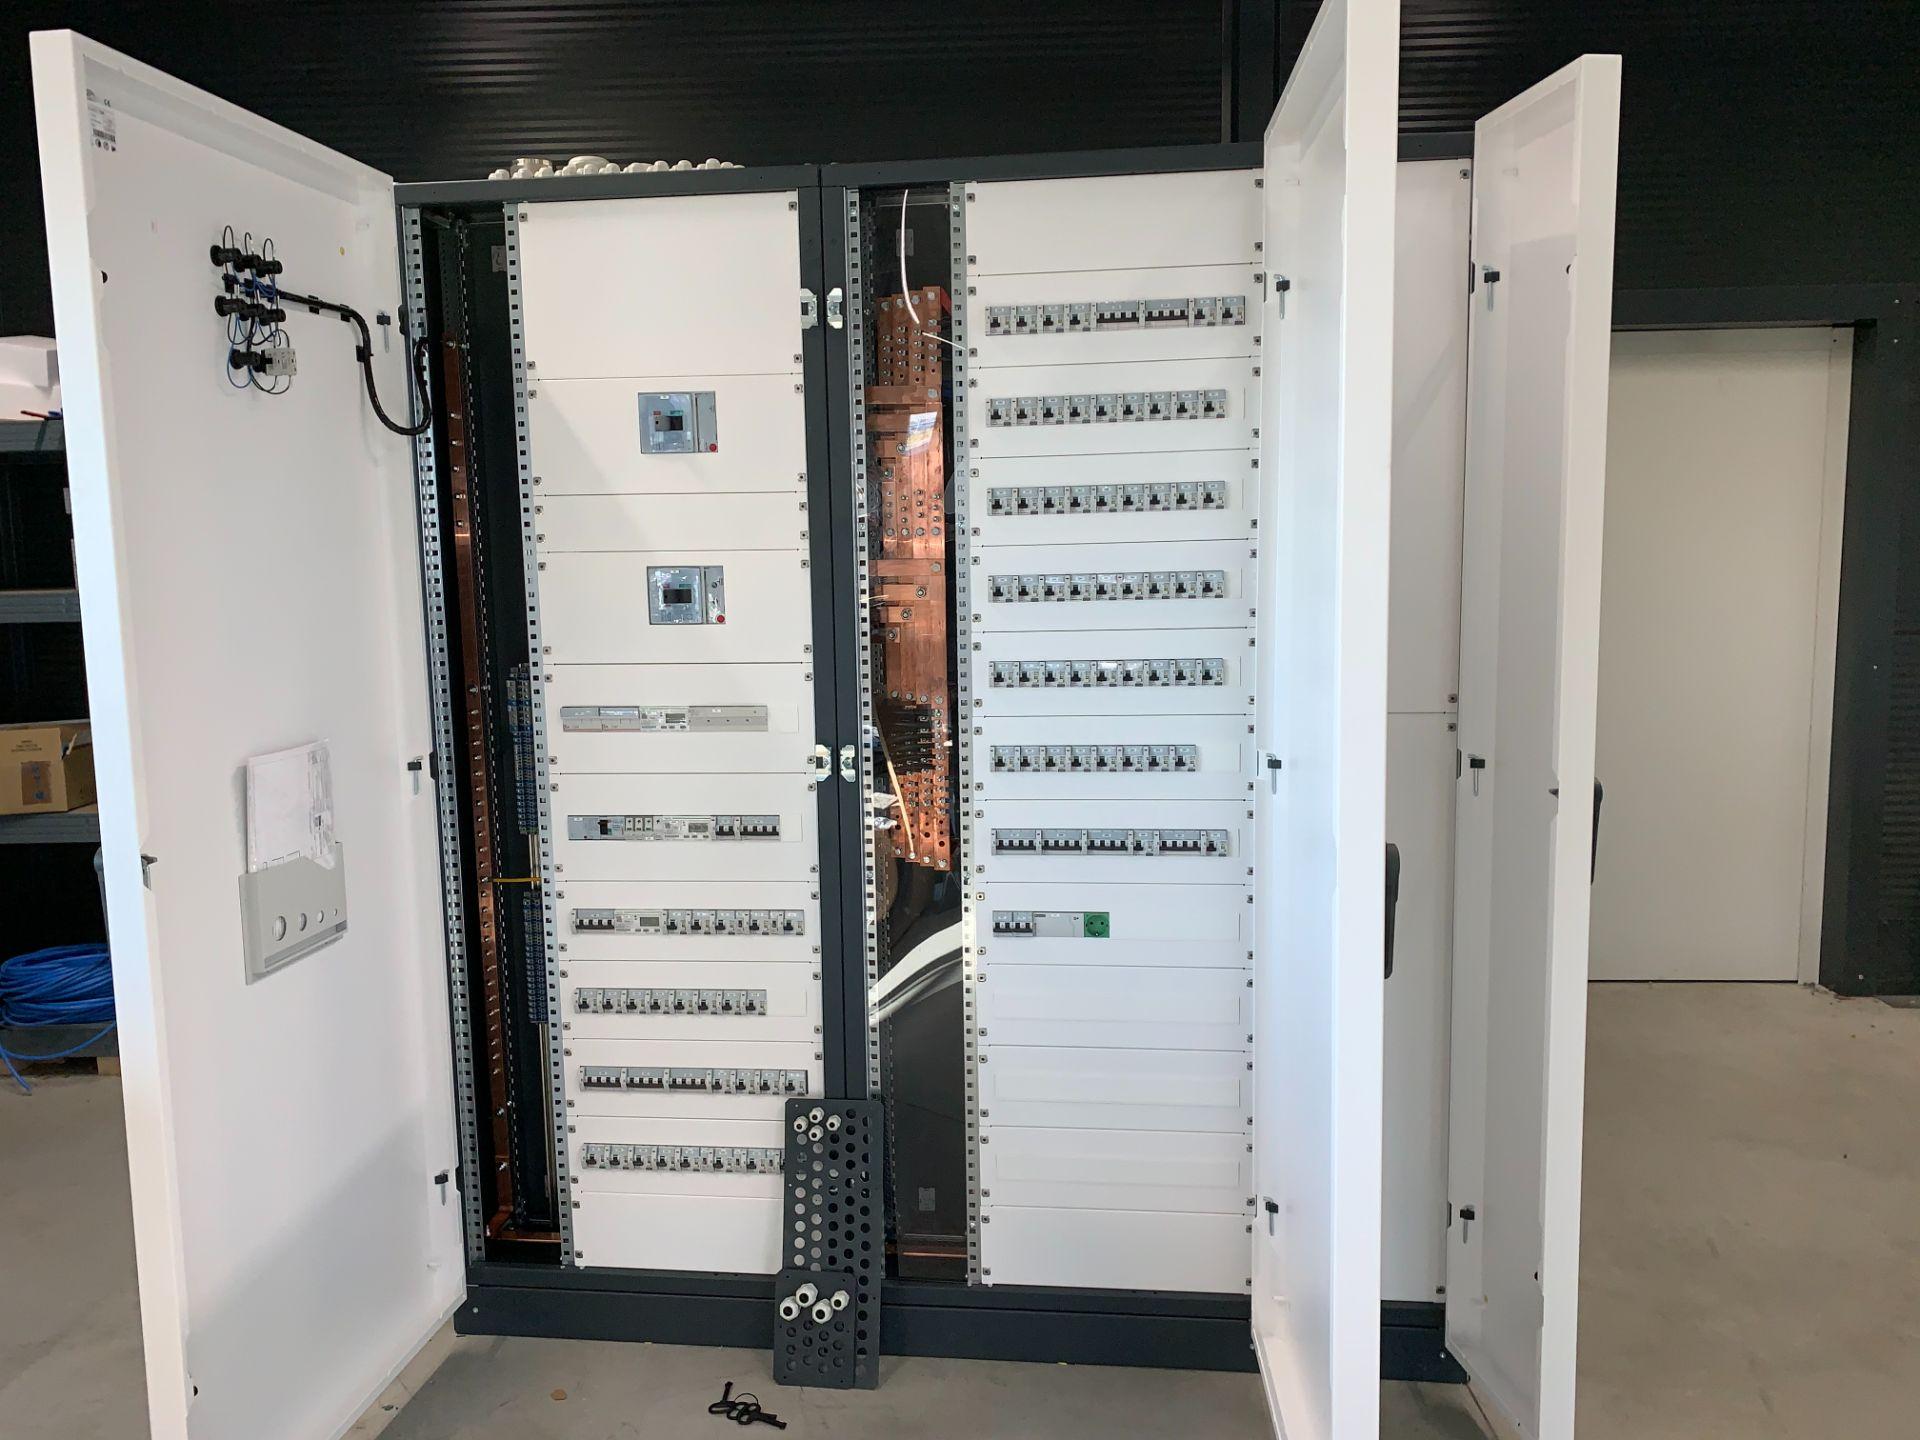 Tablouri electrice și automatizări IMG 2657